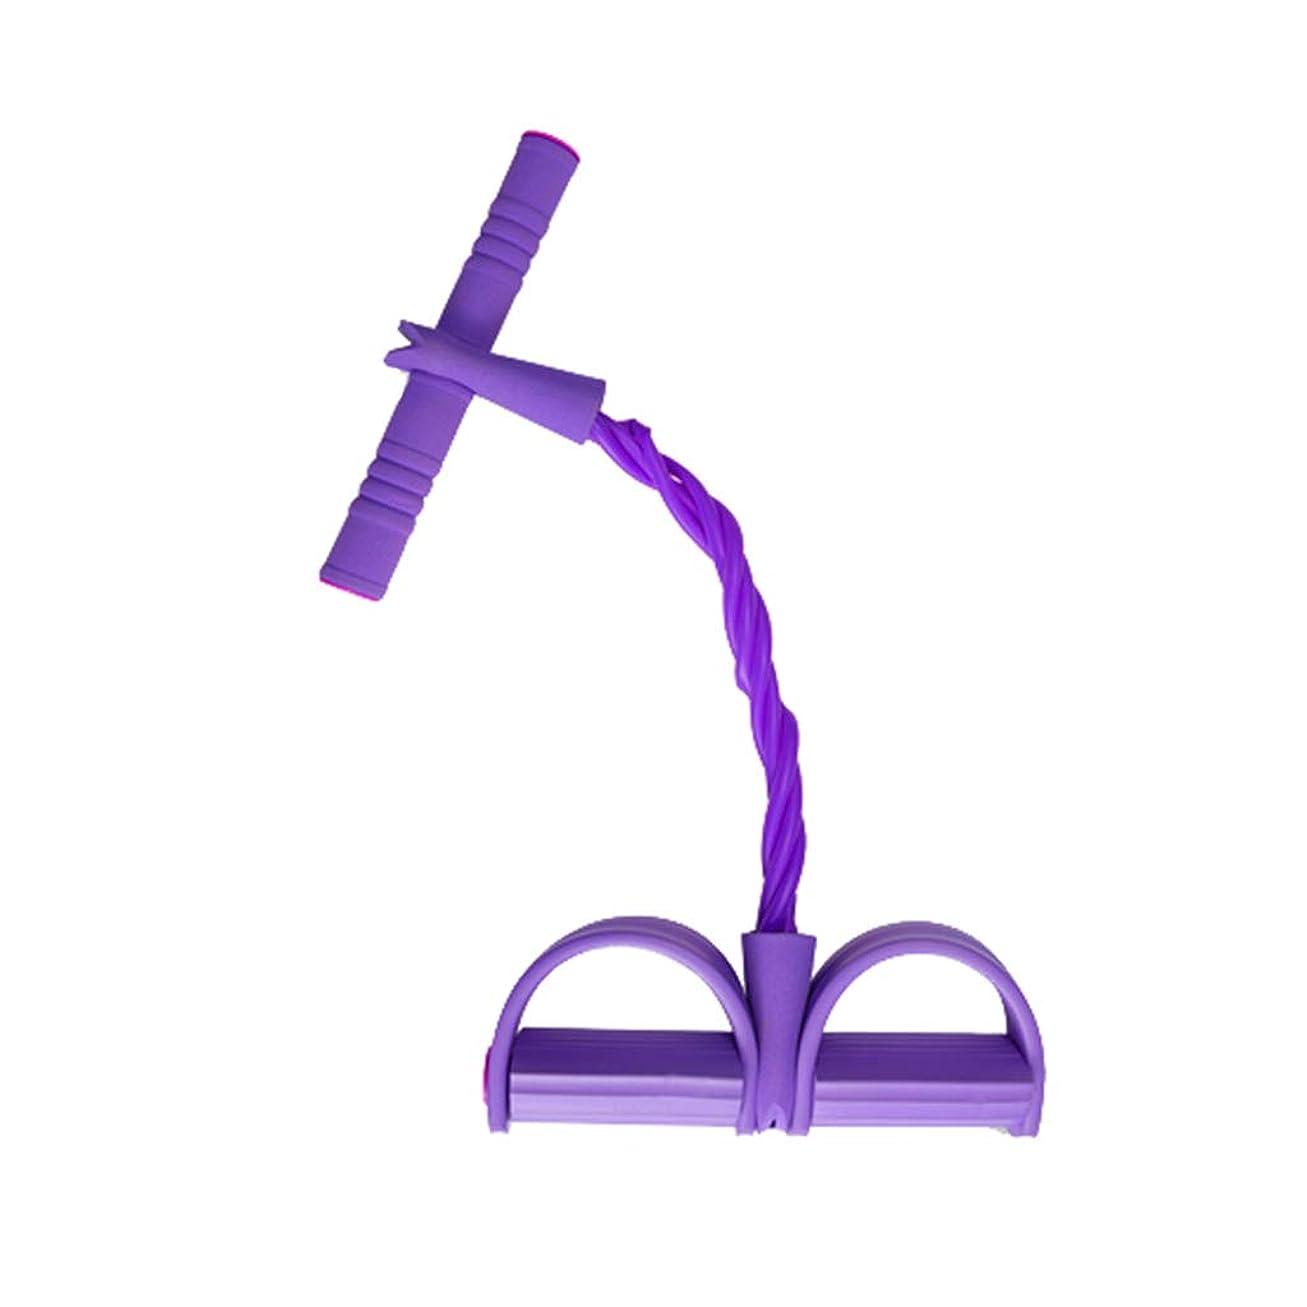 五十勝利二週間シットアップフィットネス機器ホームスポーツ足首ラリー女性補助薄いウエスト弾性ロープテンションベルト (色 : Purple)